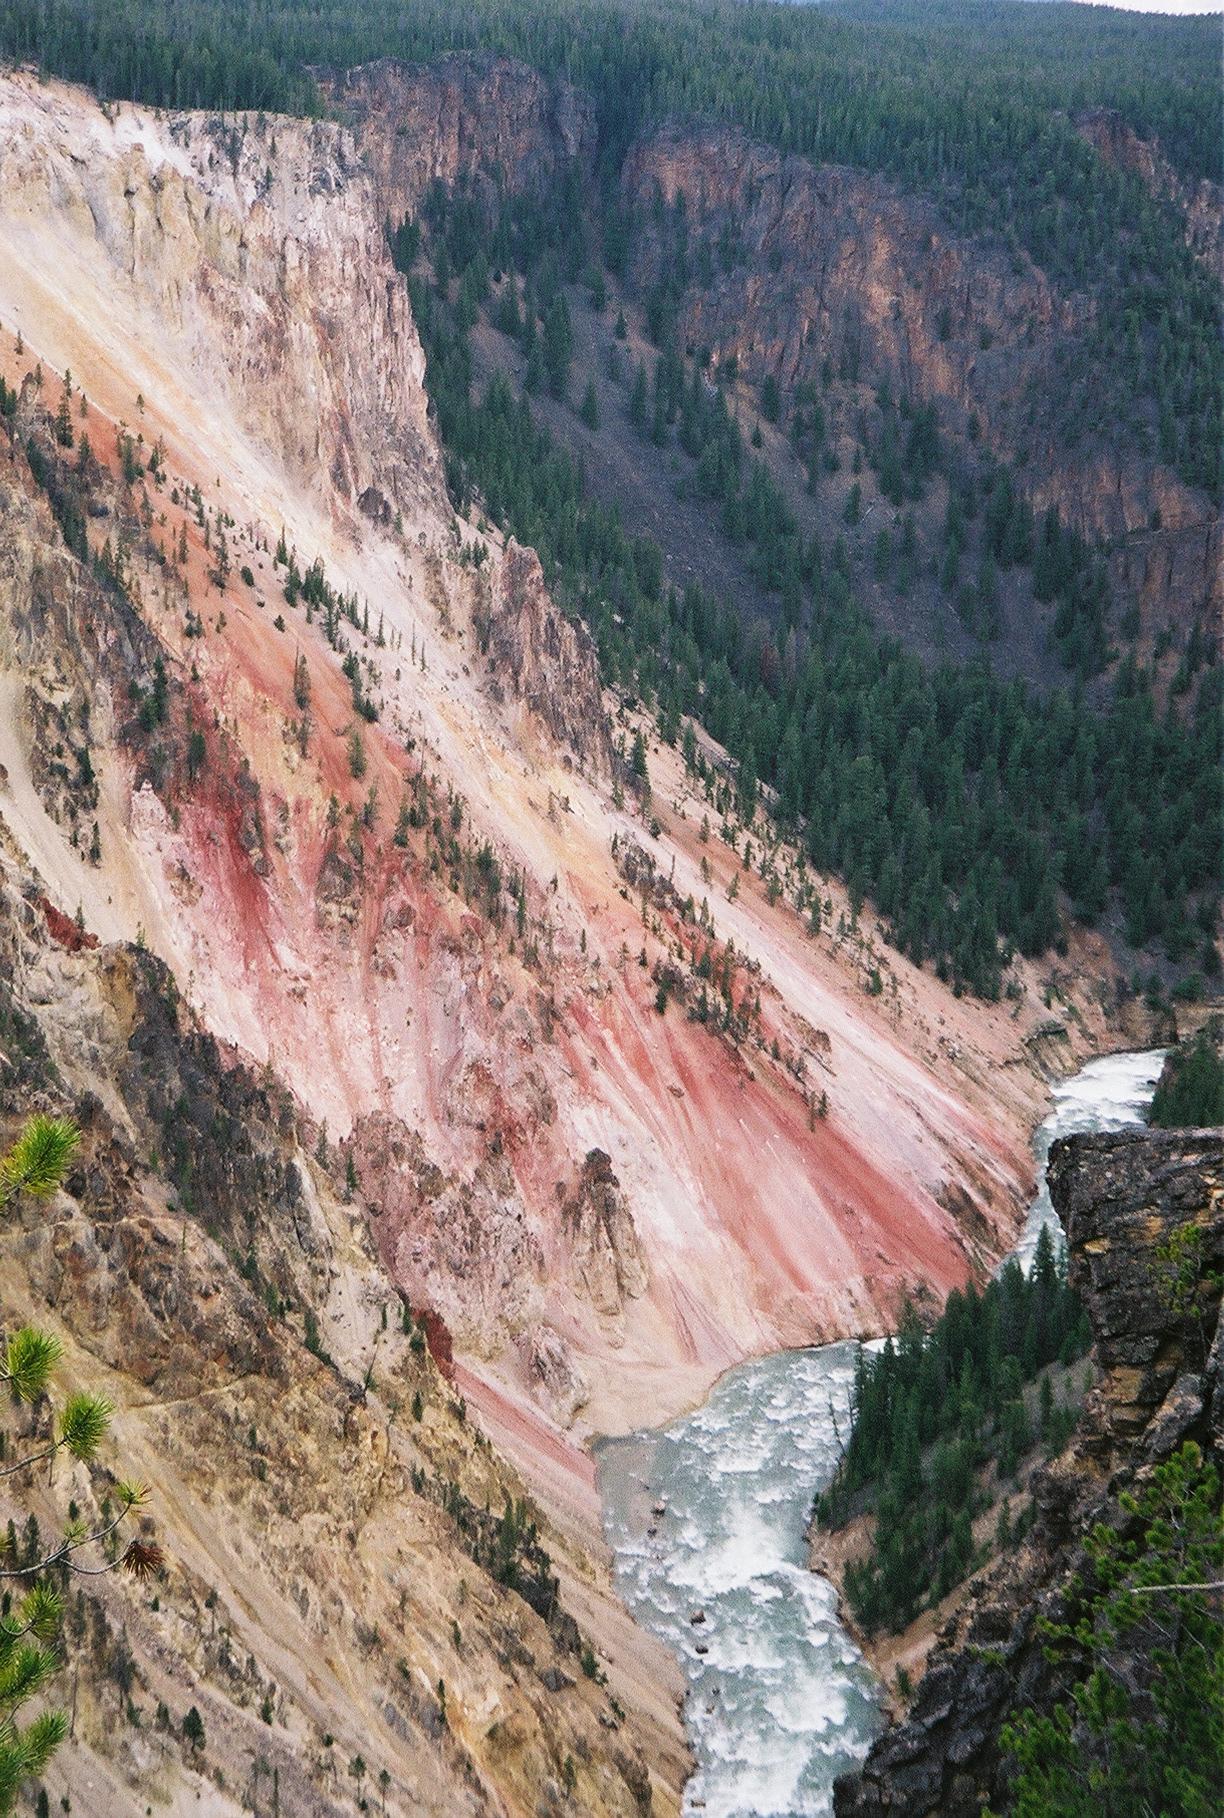 Yellstone Canyon